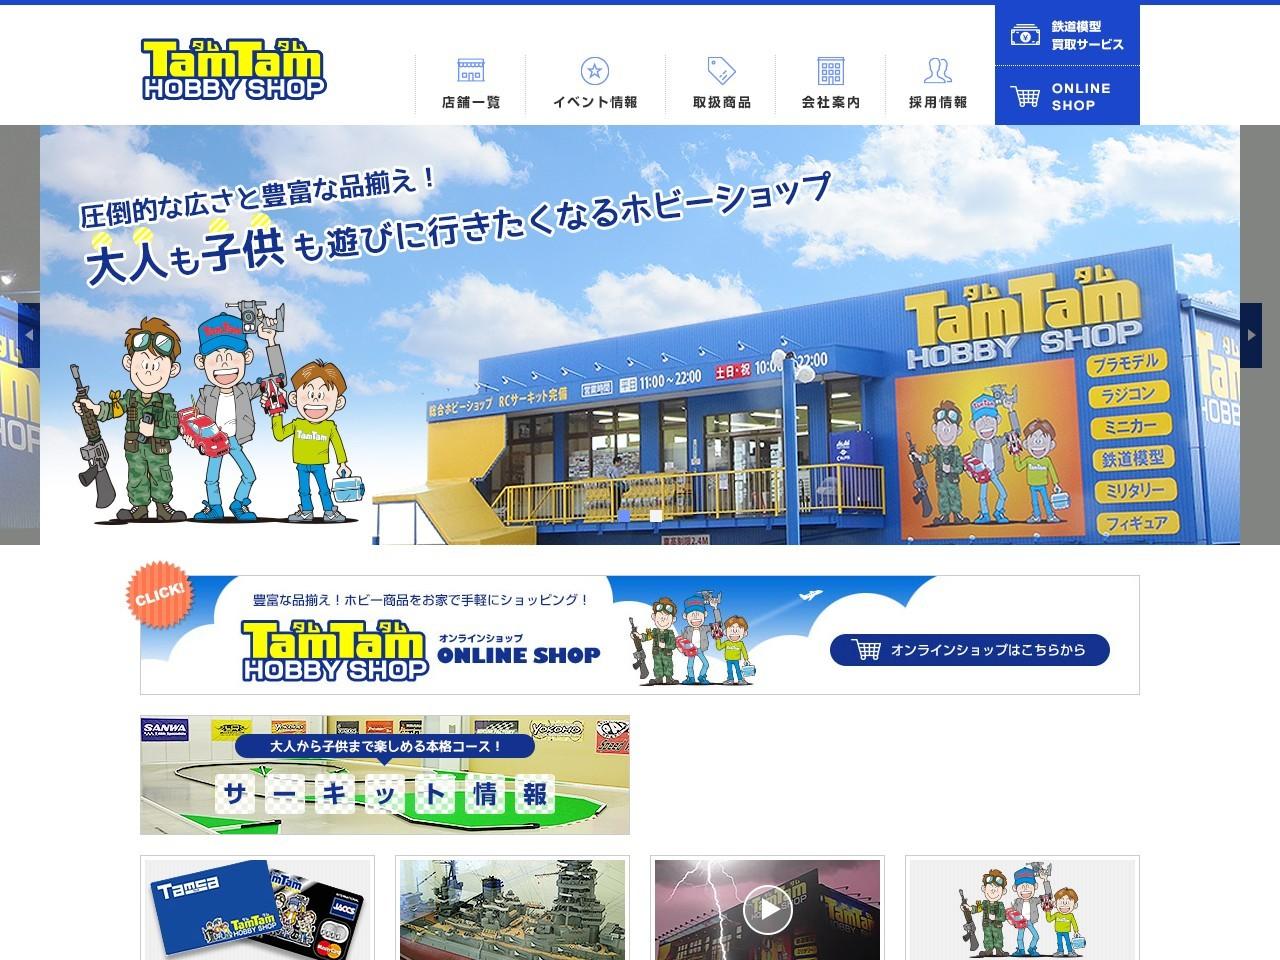 日本最大級の総合ホビー専門店 HOBBY SHOP TamTam(タムタム)